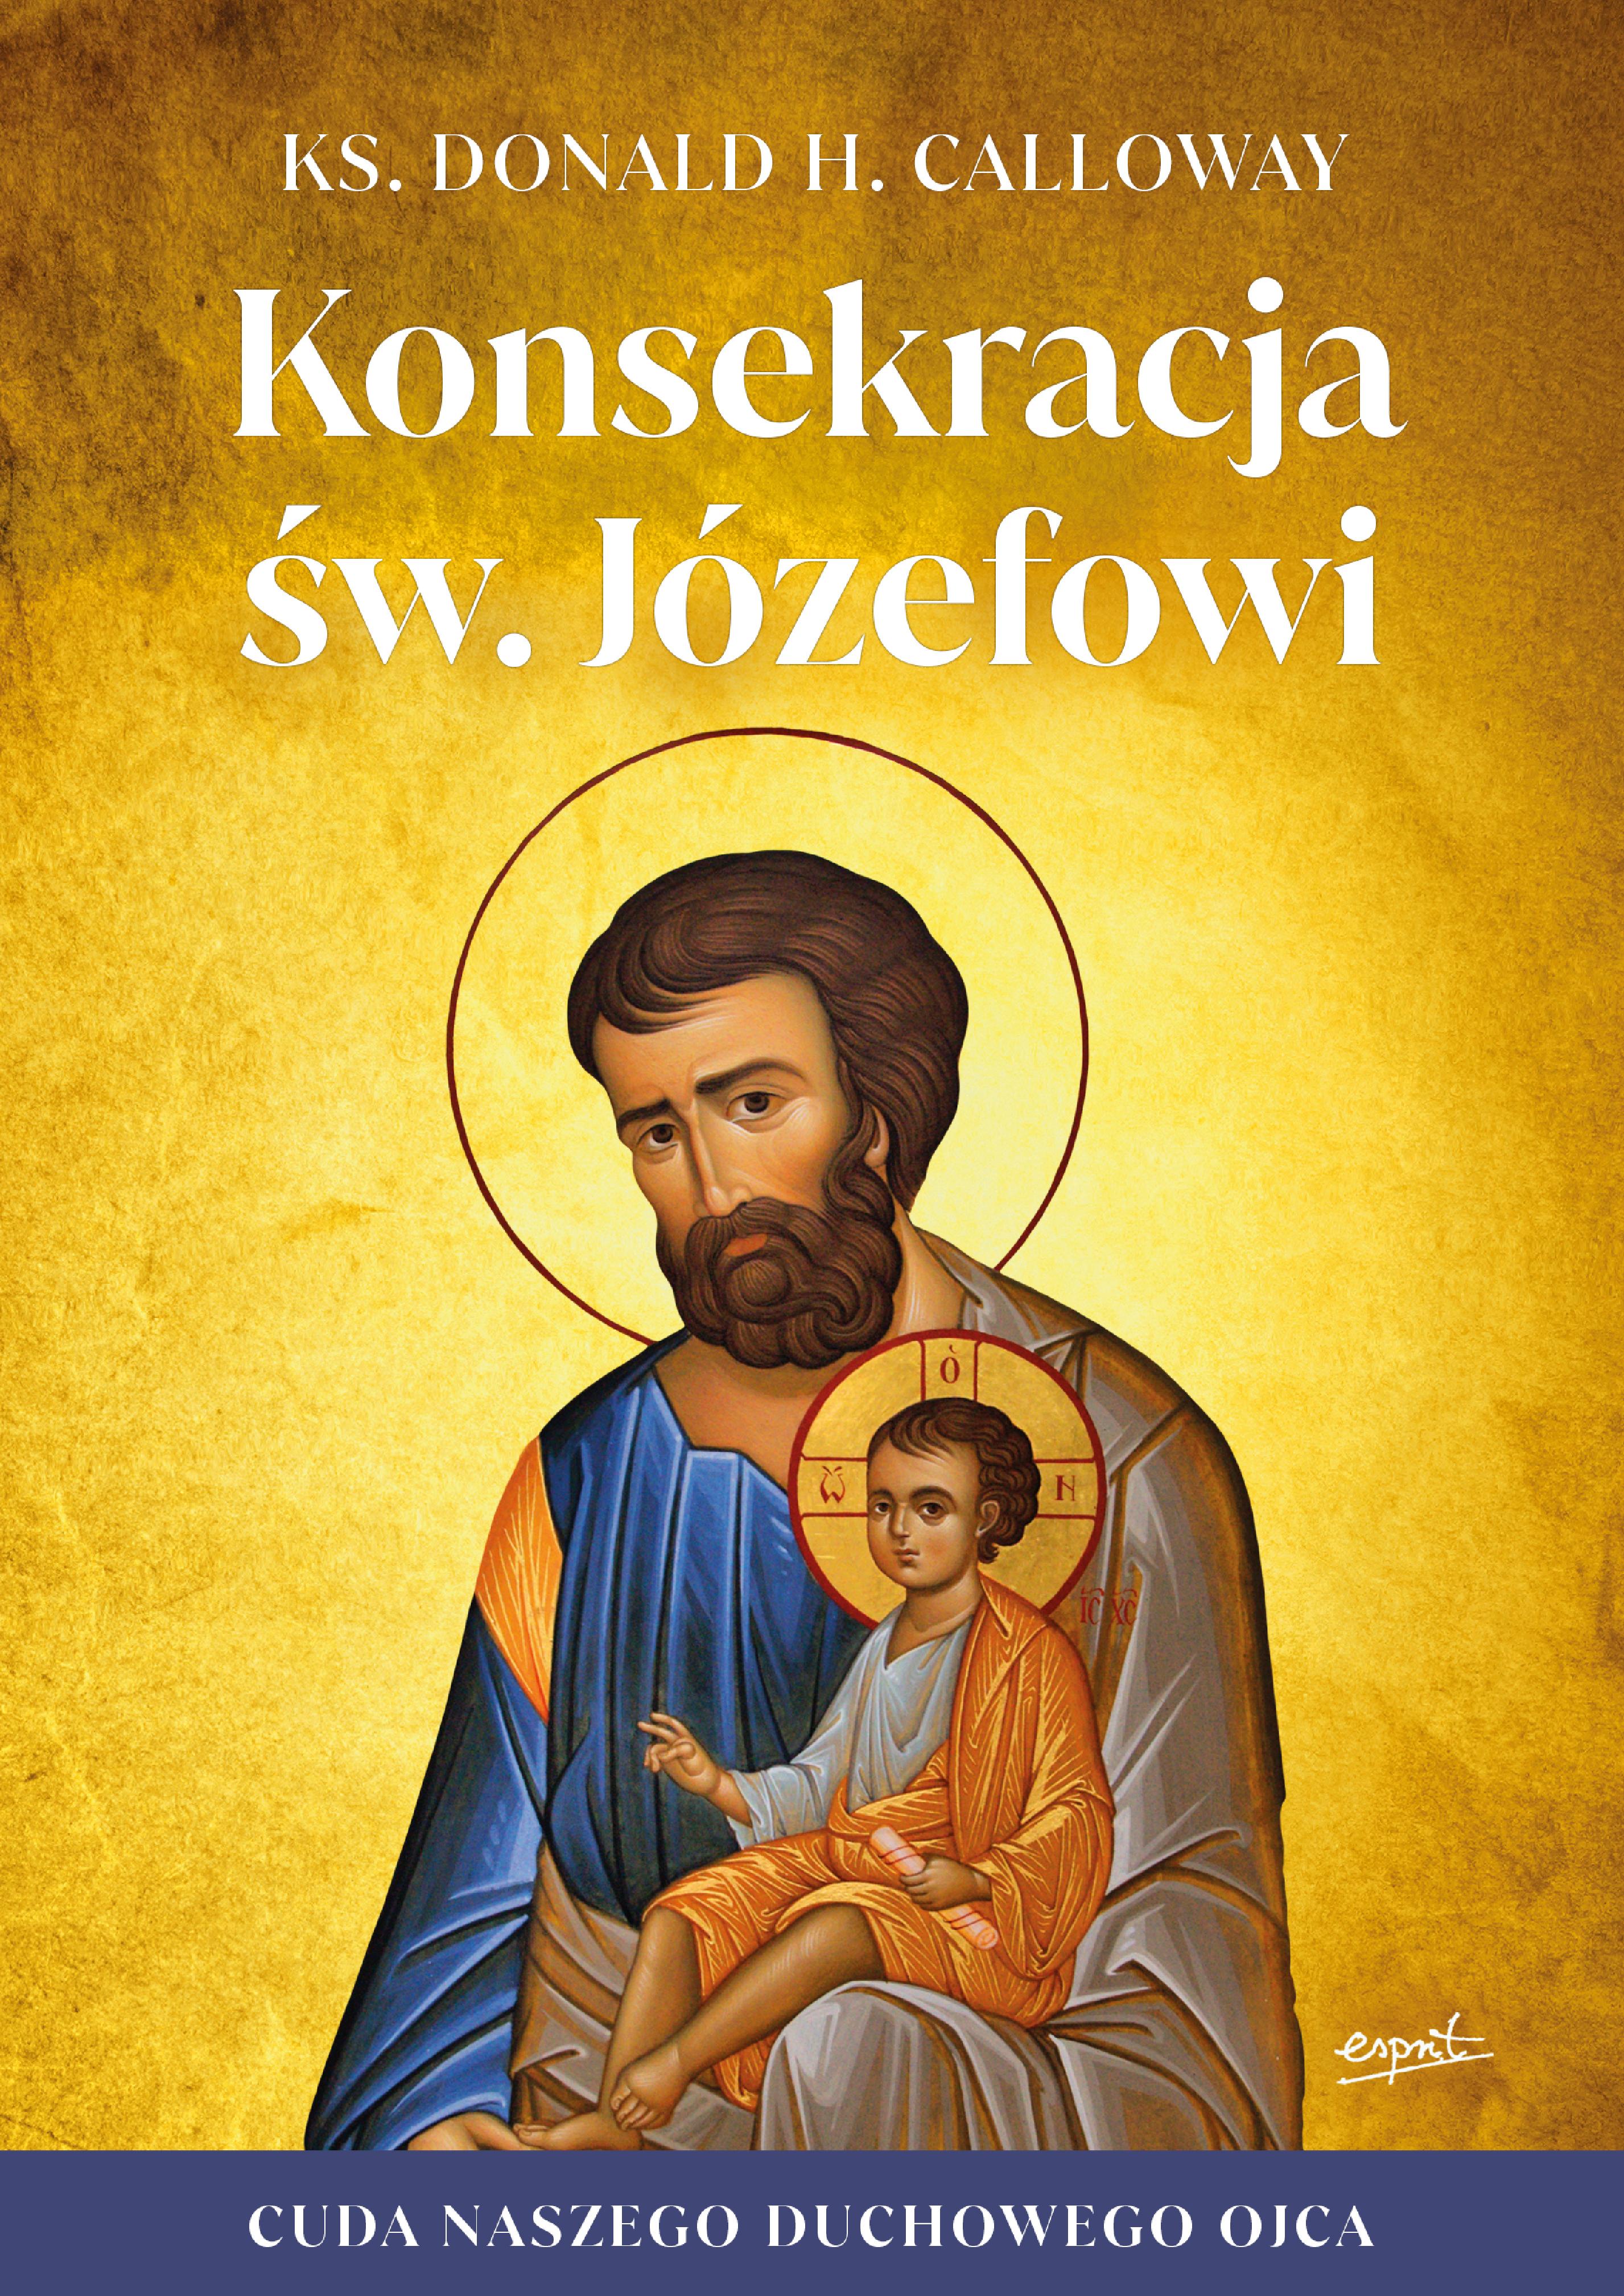 Konsekracja św. Józefowi. Cuda naszego duchowego ojca